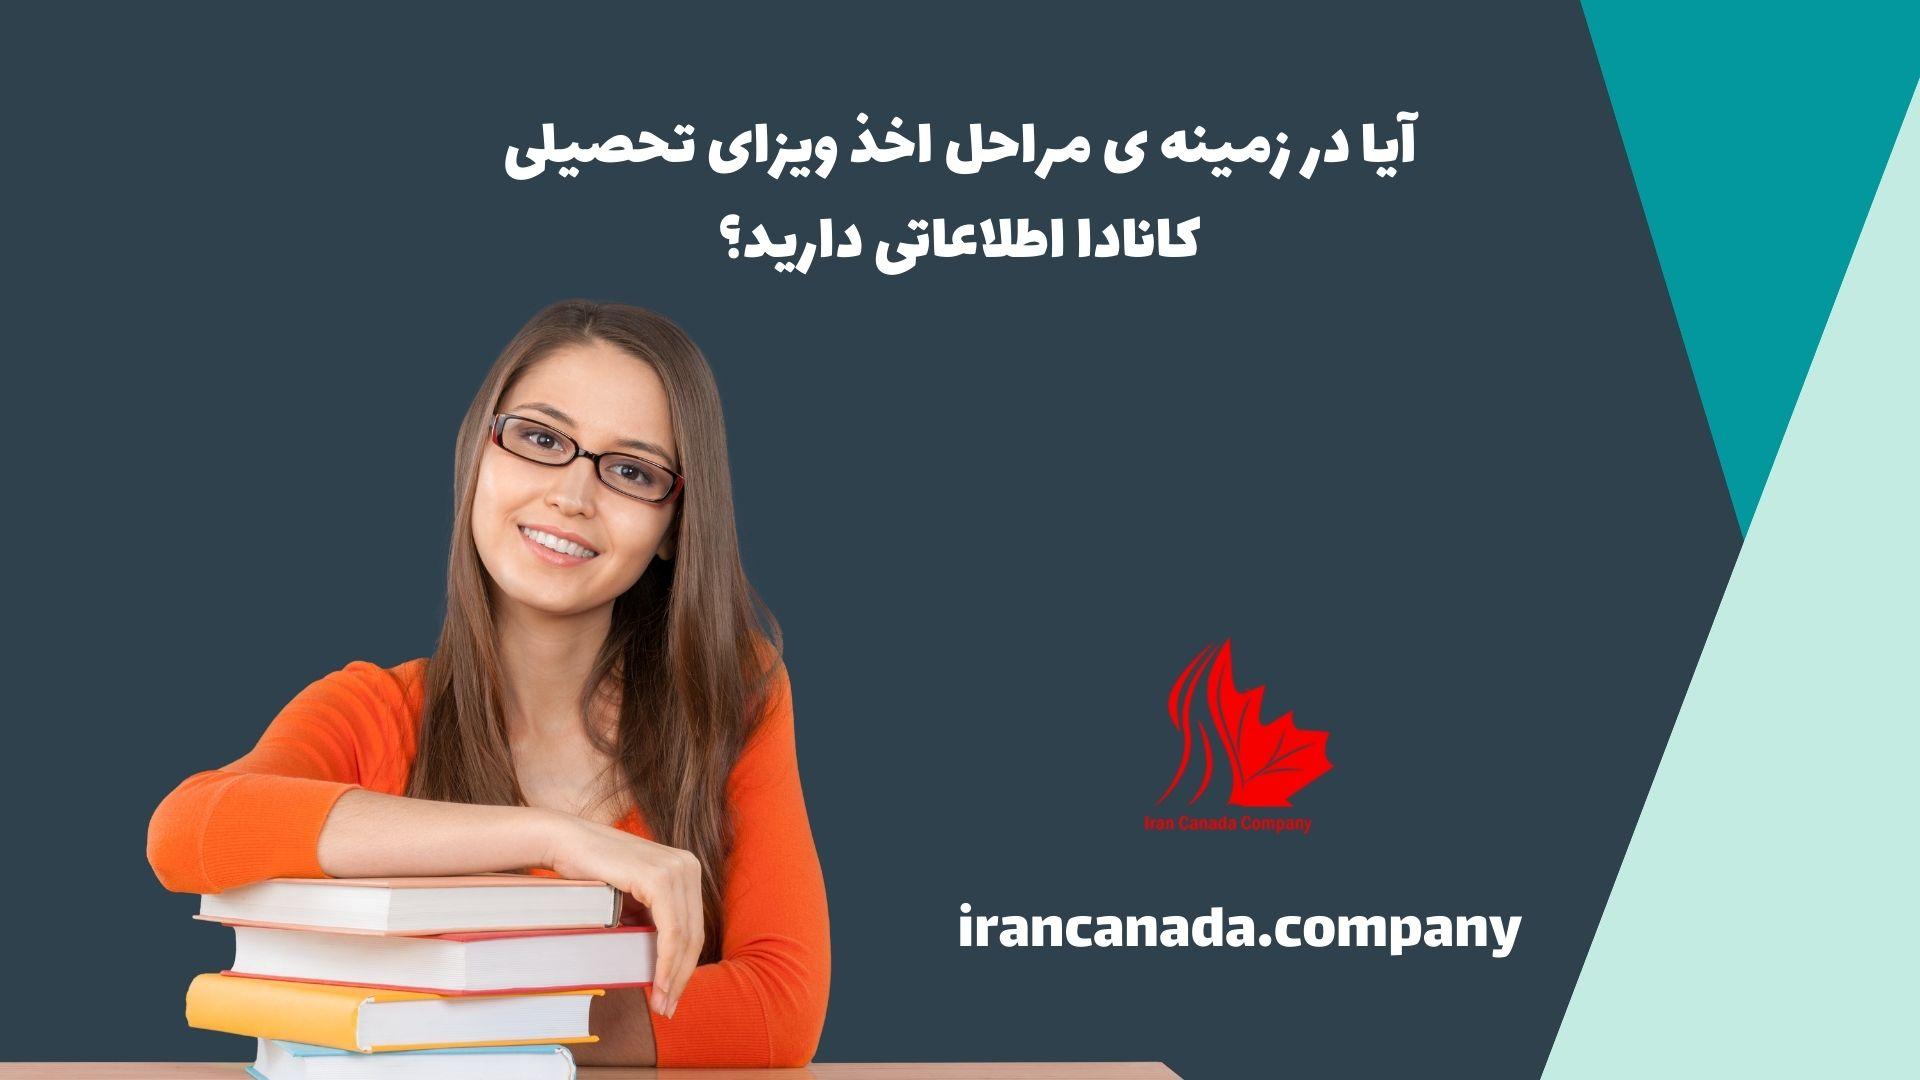 آیا در زمینه ی مراحل اخذ ویزای تحصیلی کانادا اطلاعاتی دارید؟